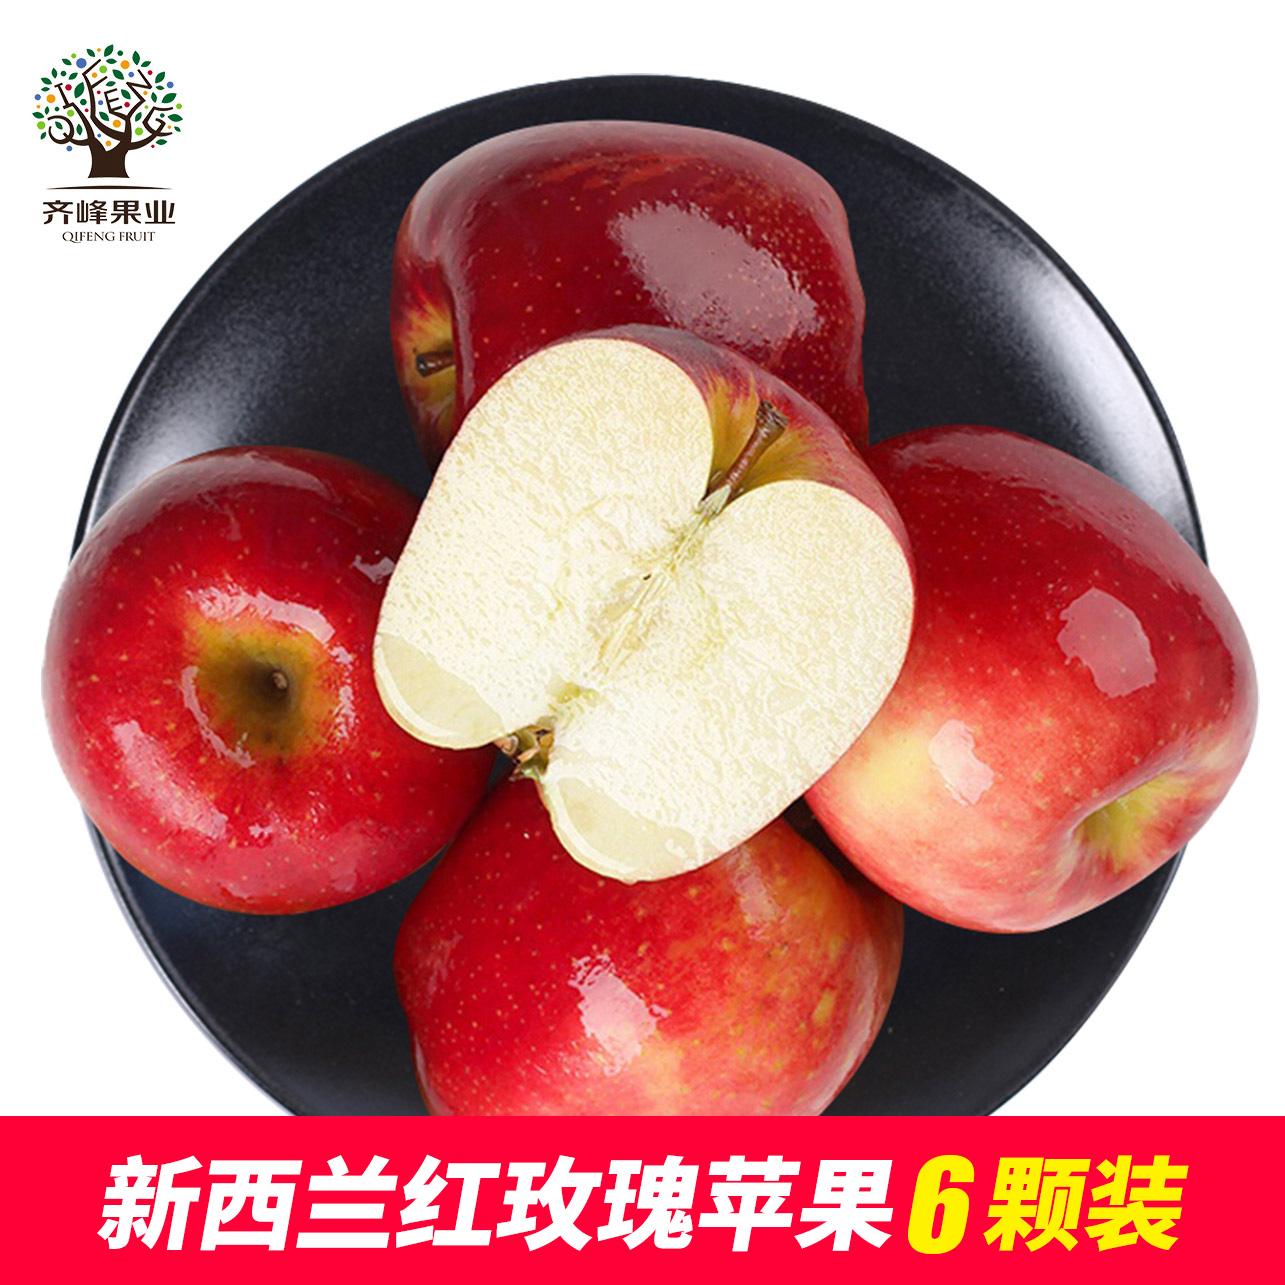 齐峰缘 新西兰红玫瑰苹果 6颗装 Queen皇后水果新鲜进口脆甜大果